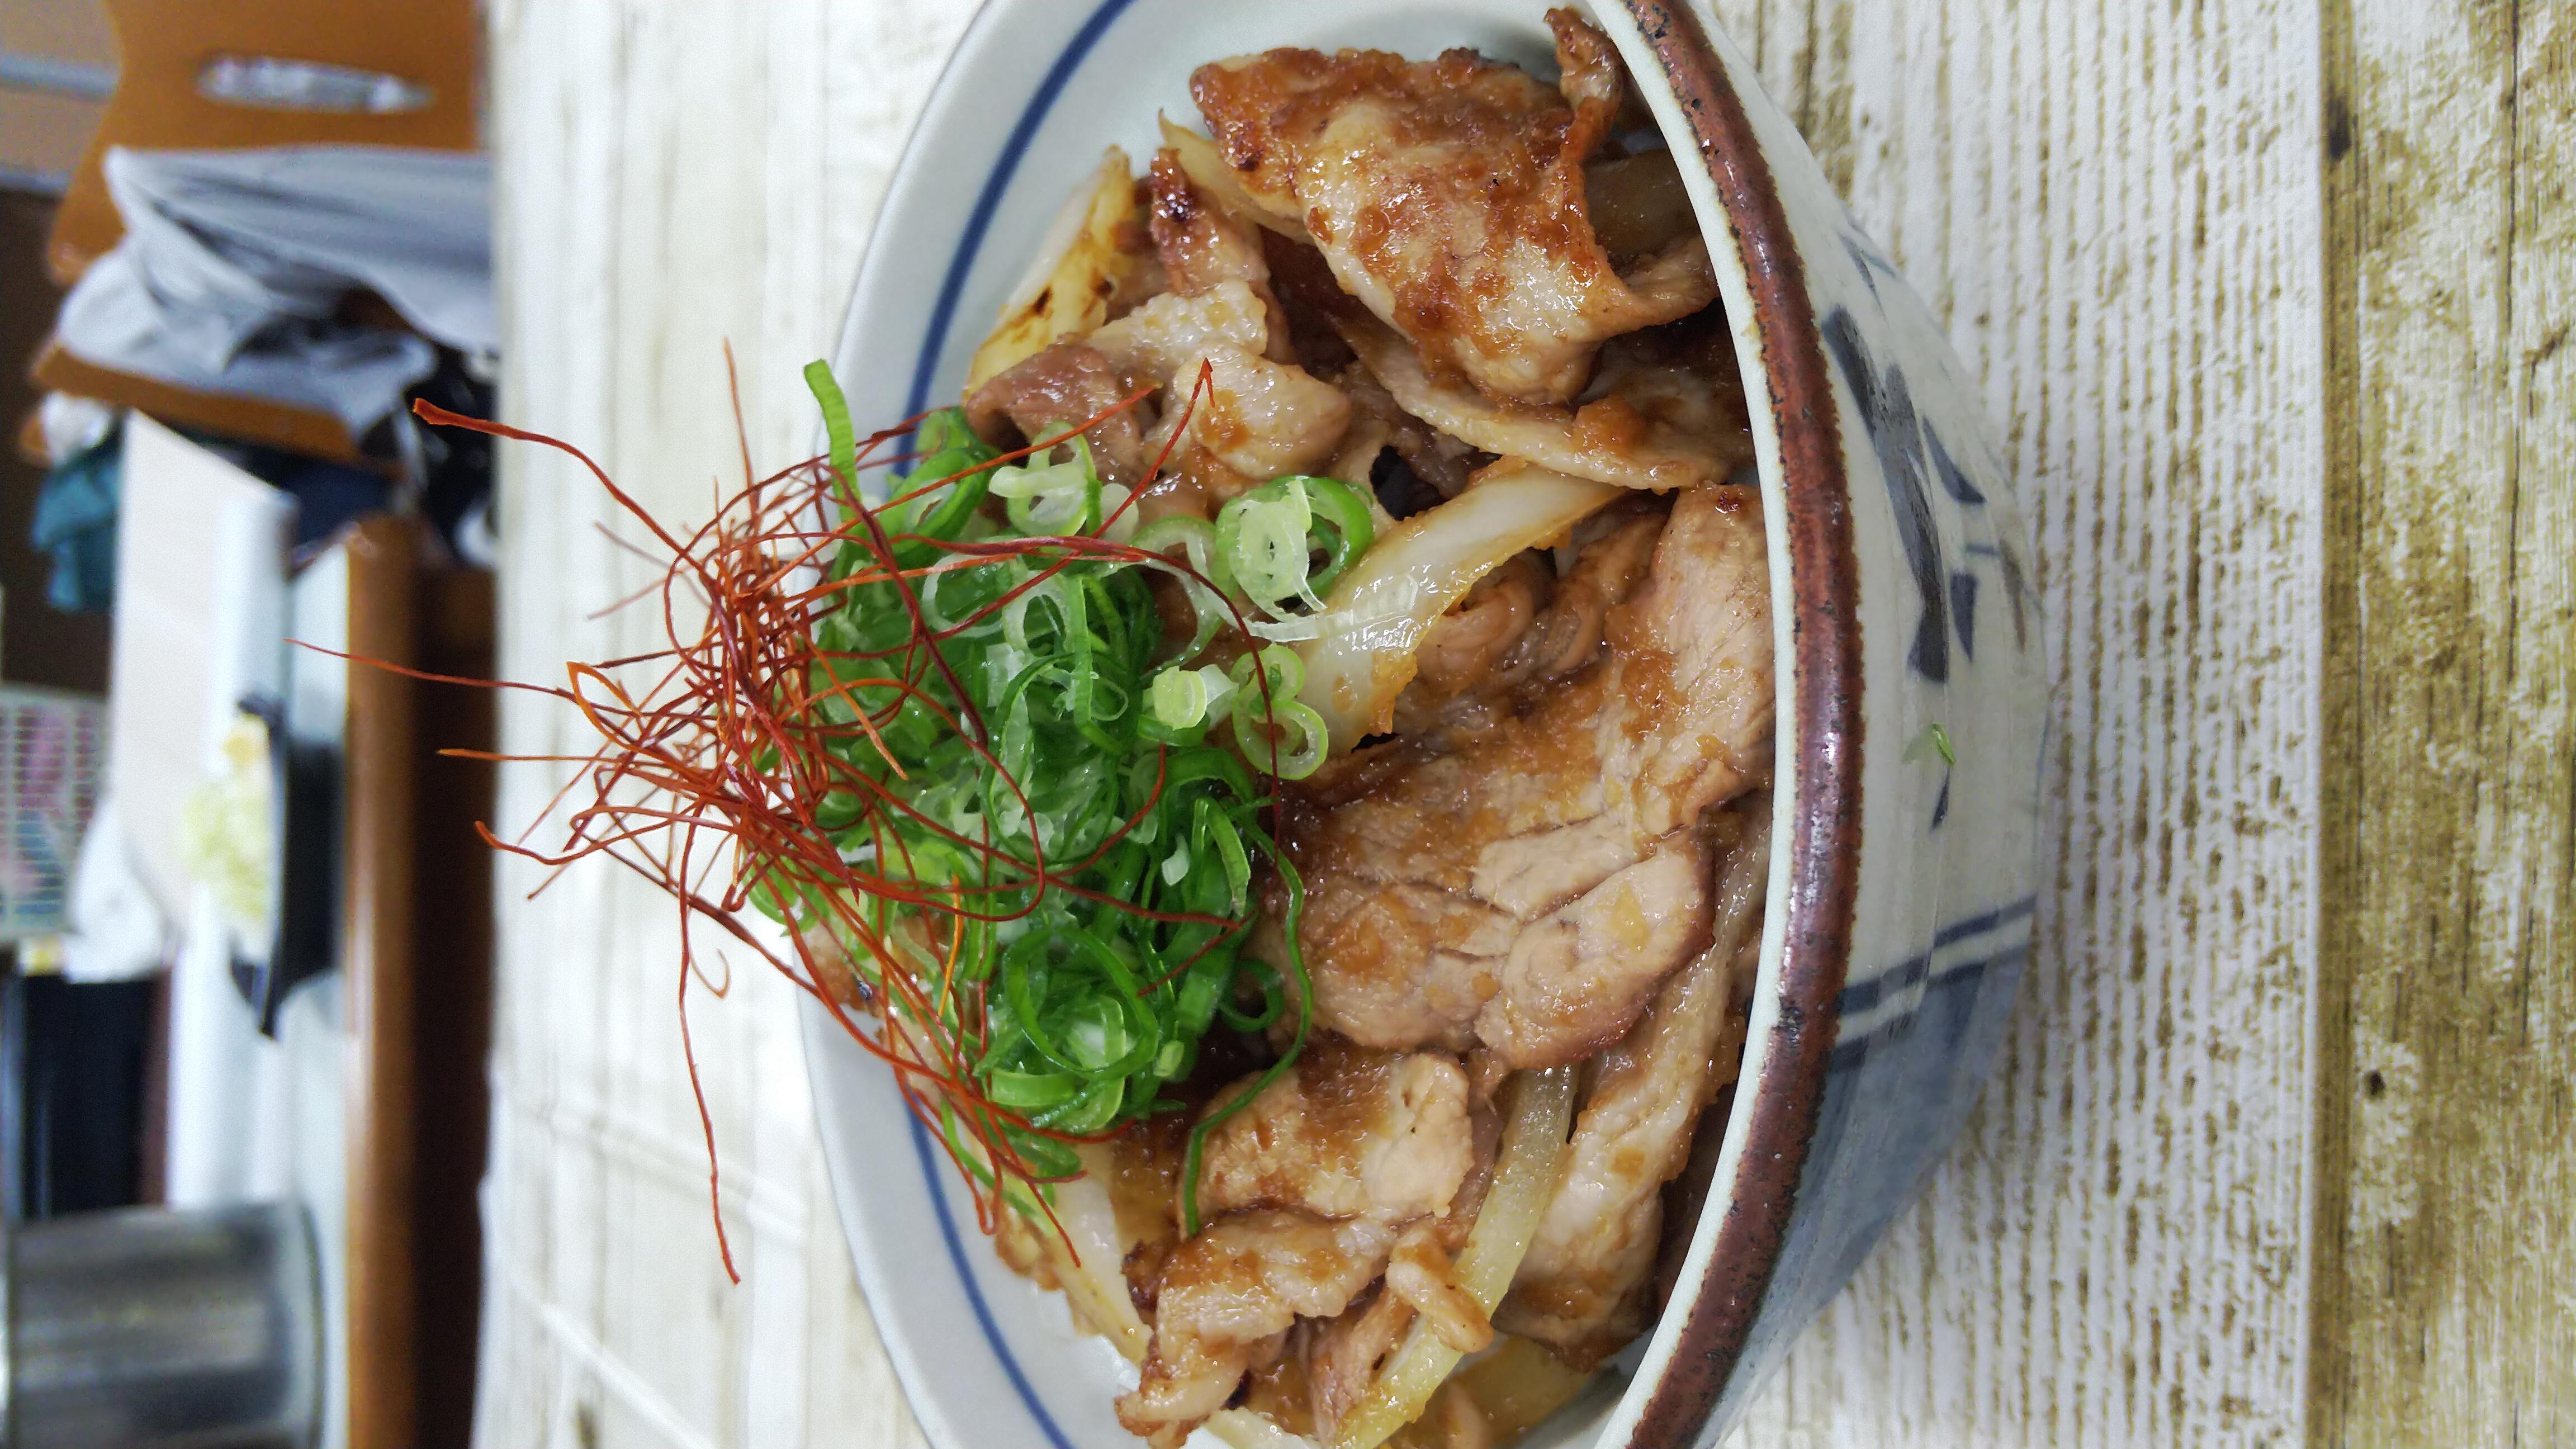 サウナの後には北近江リゾートオリジナルのサ飯!!を是非ご賞味ください。